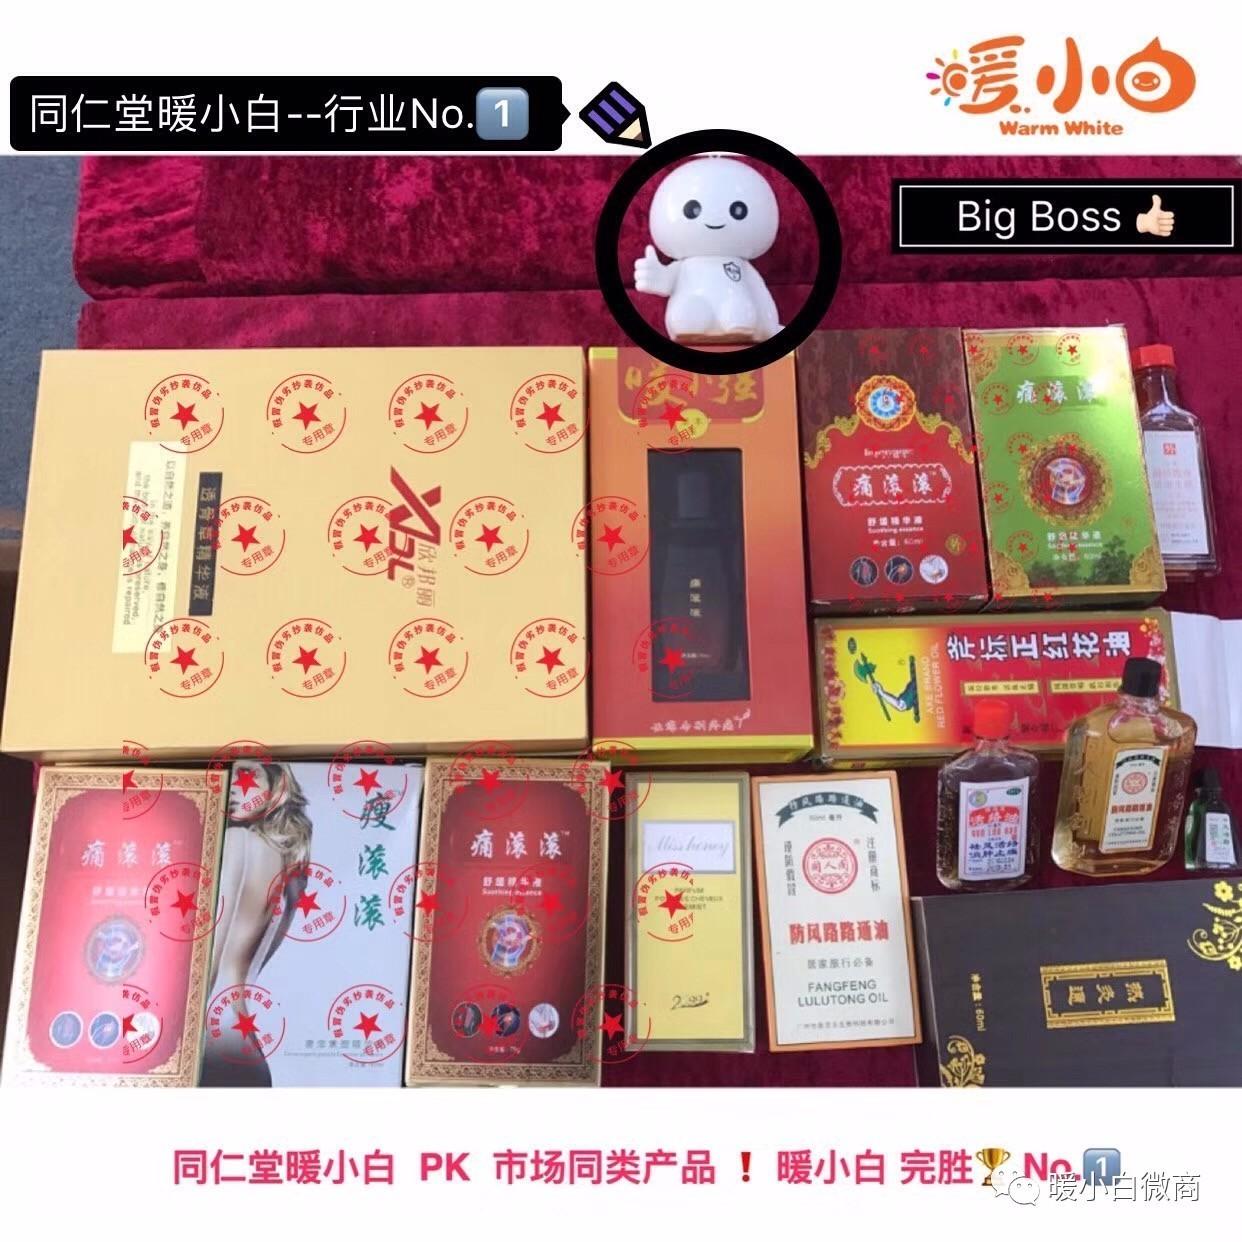 揭秘同仁堂暖小白一瓶多少钱运营官江哥VX:XDD95222